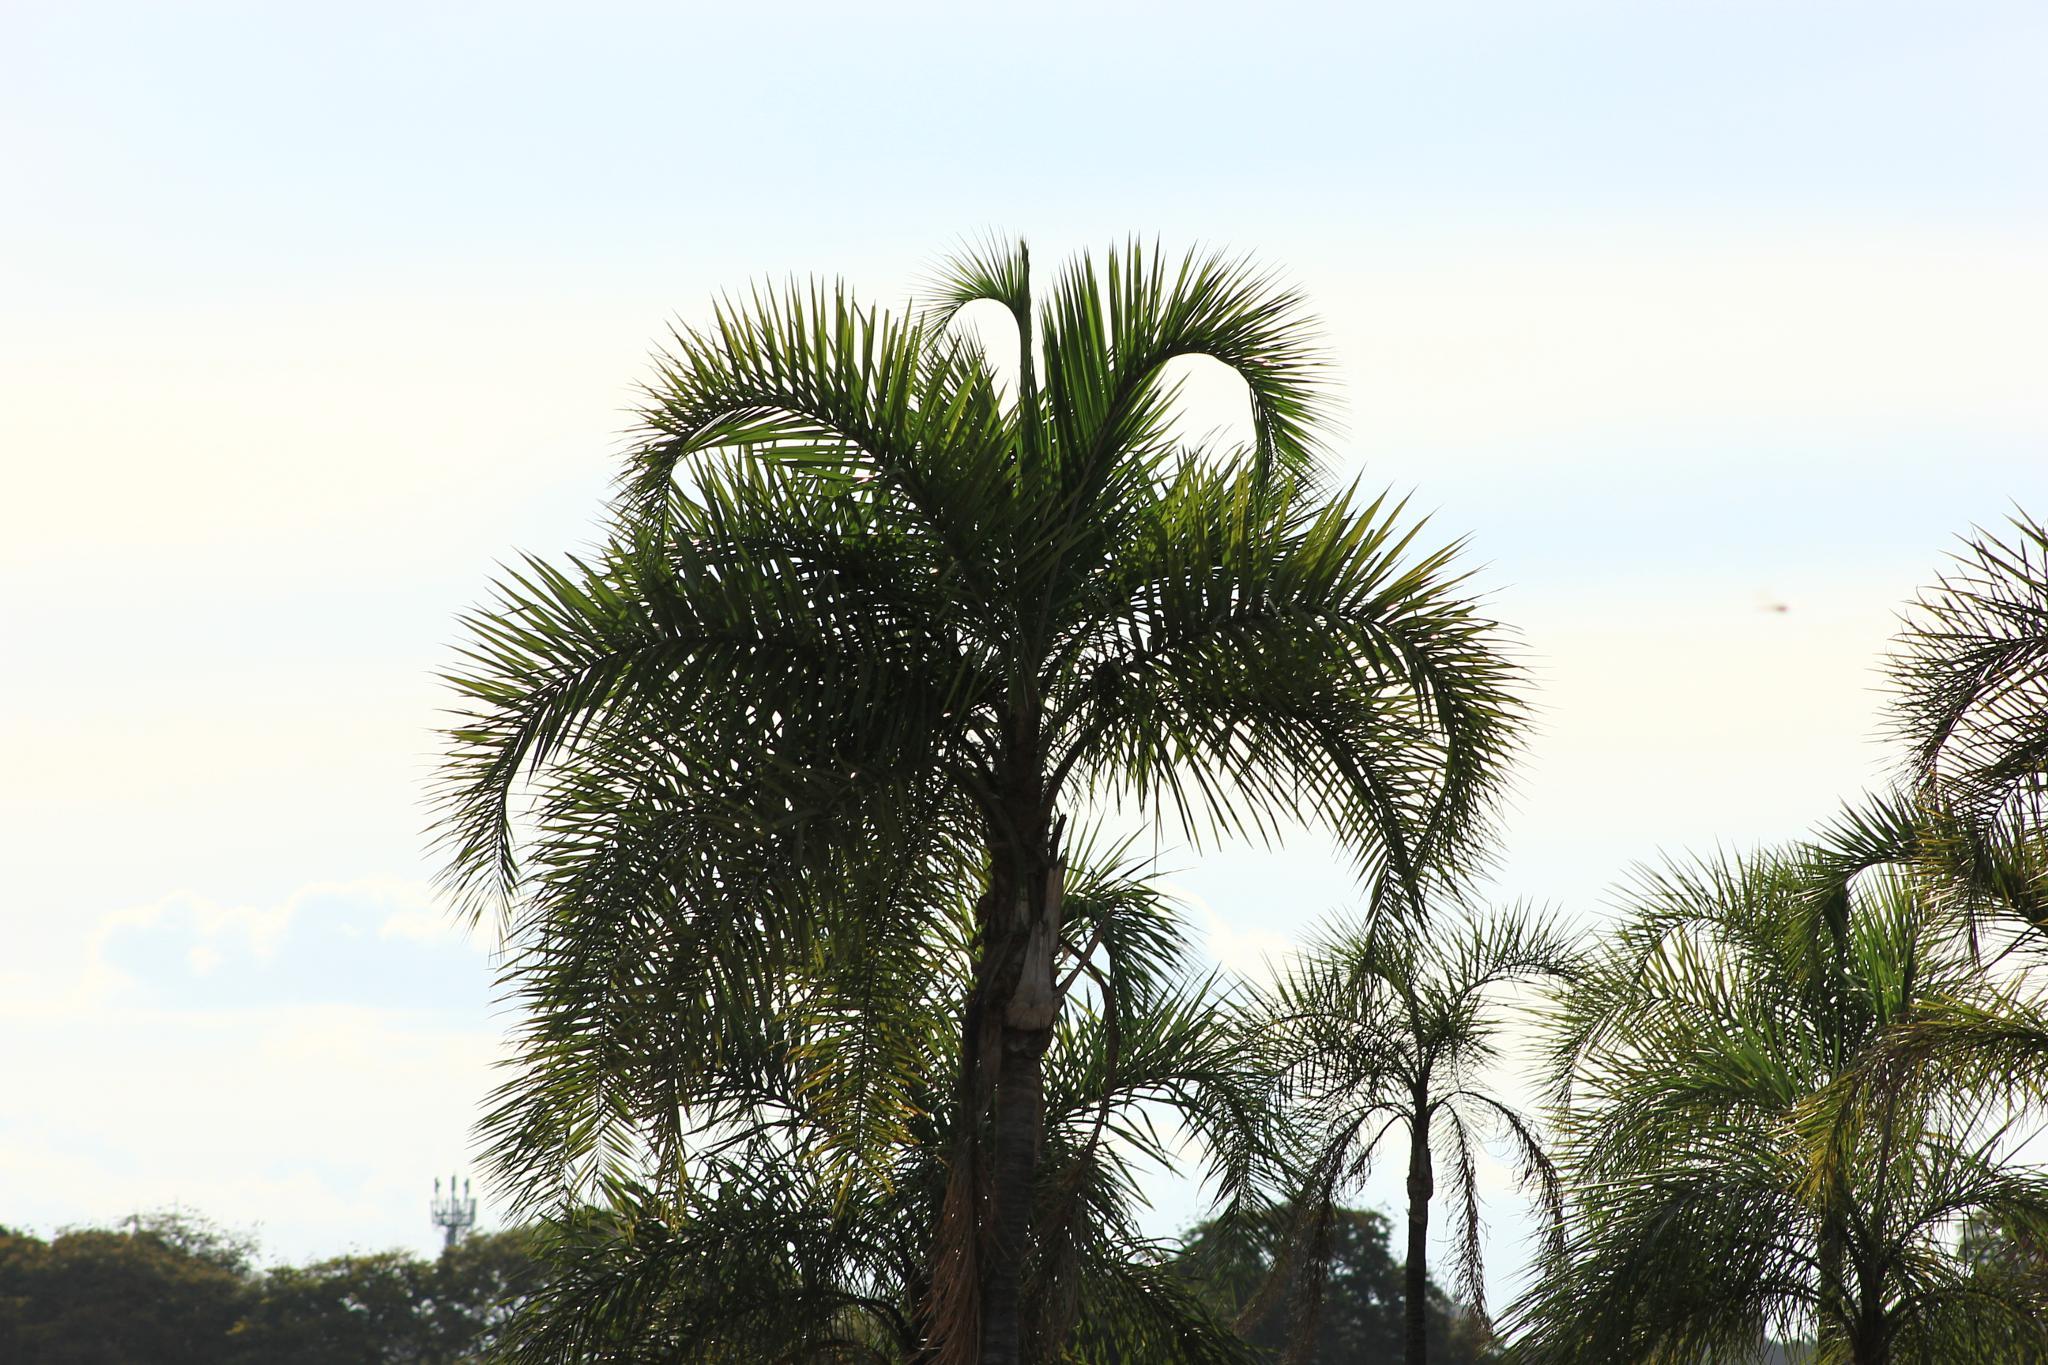 Palmeira Tree by Ricardo Pacheco